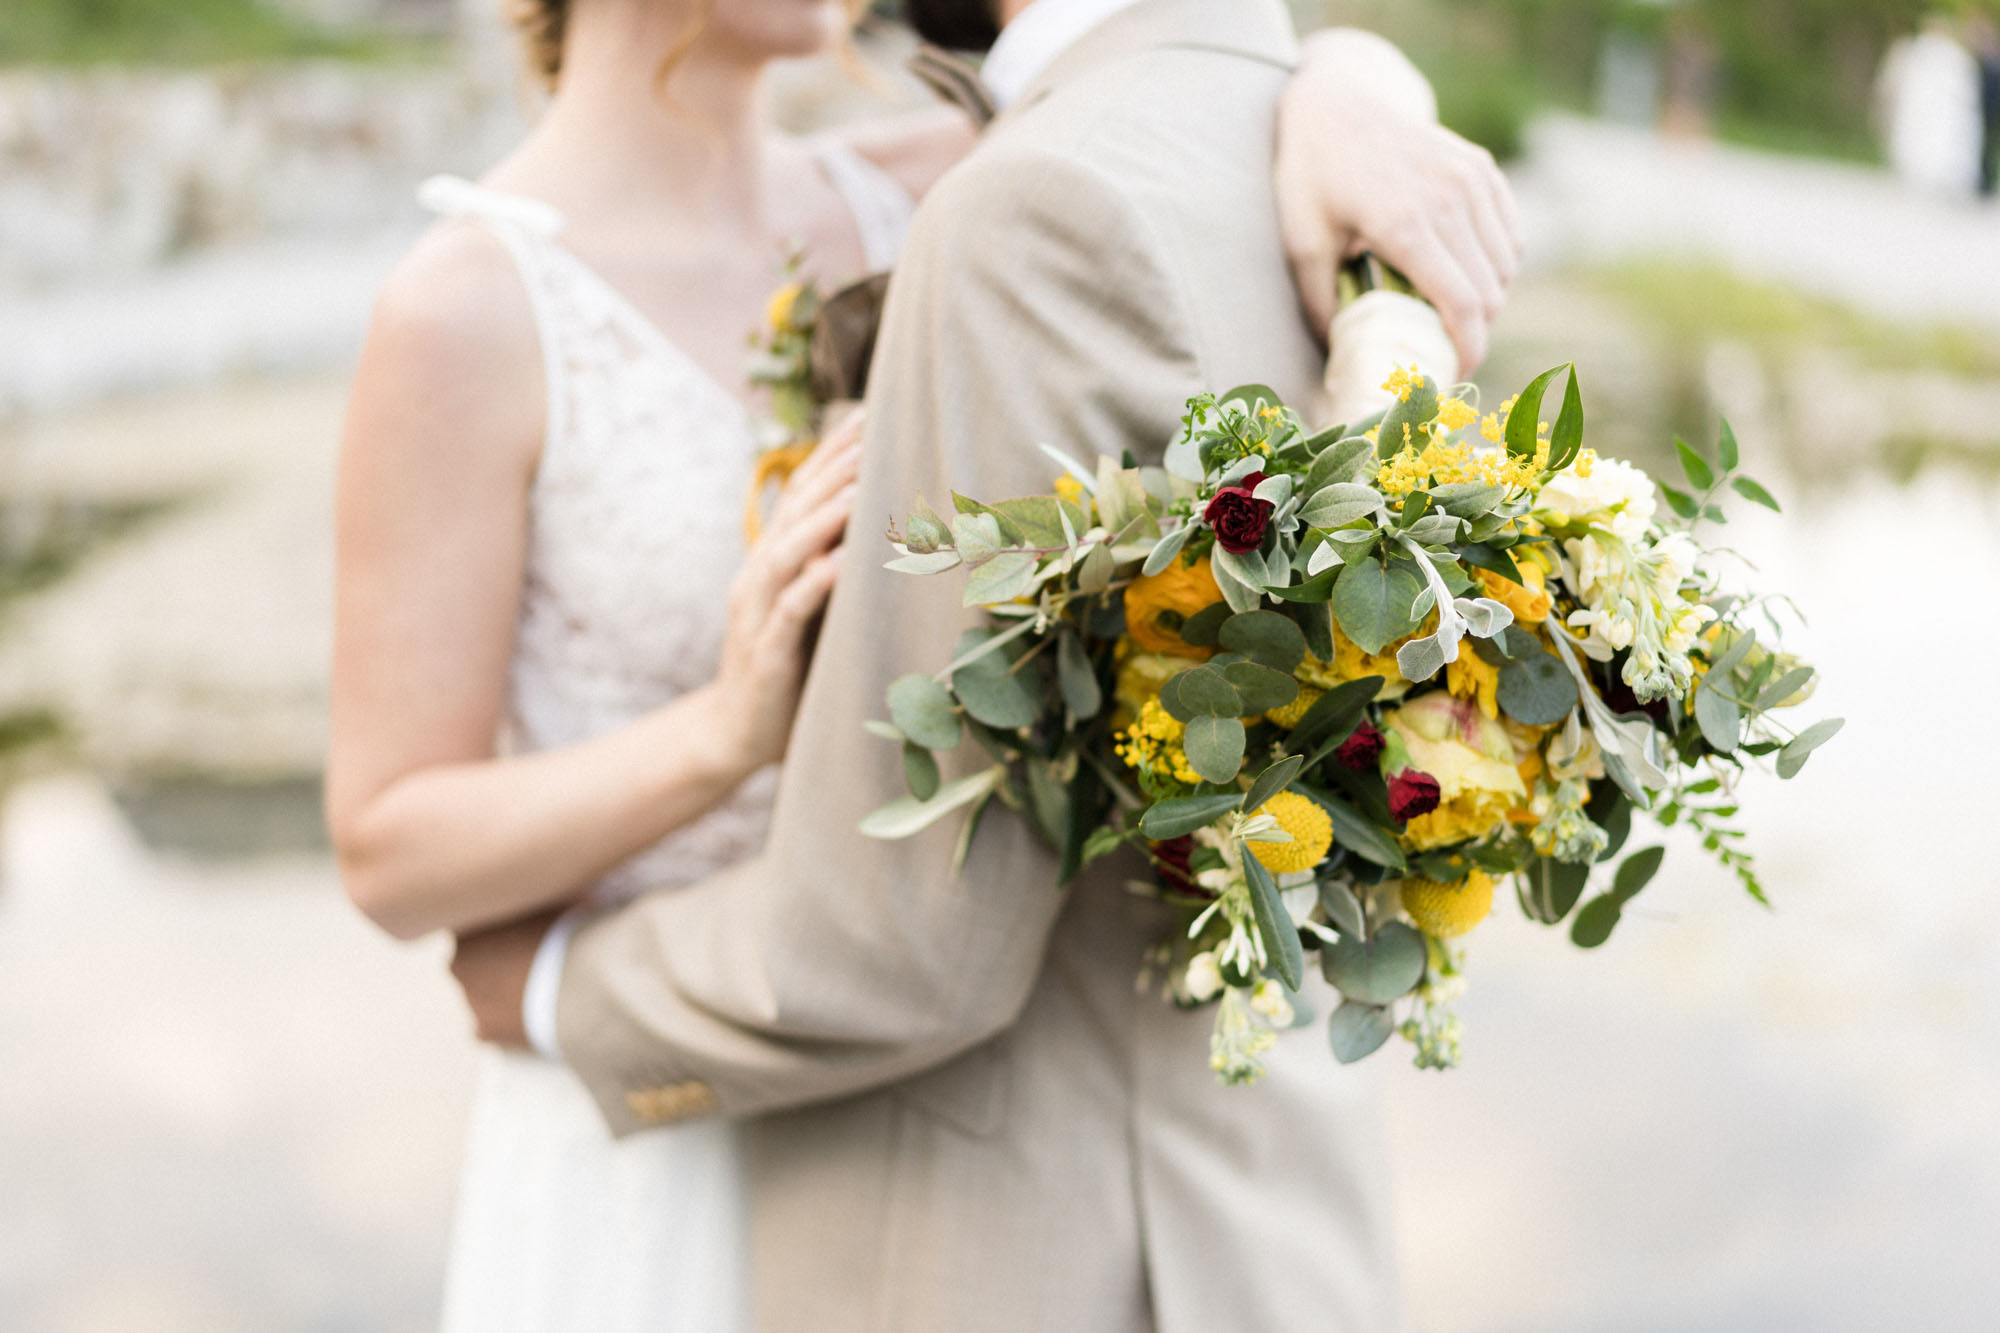 Naturnahe Floristik | Blumen für eure Hochzeit